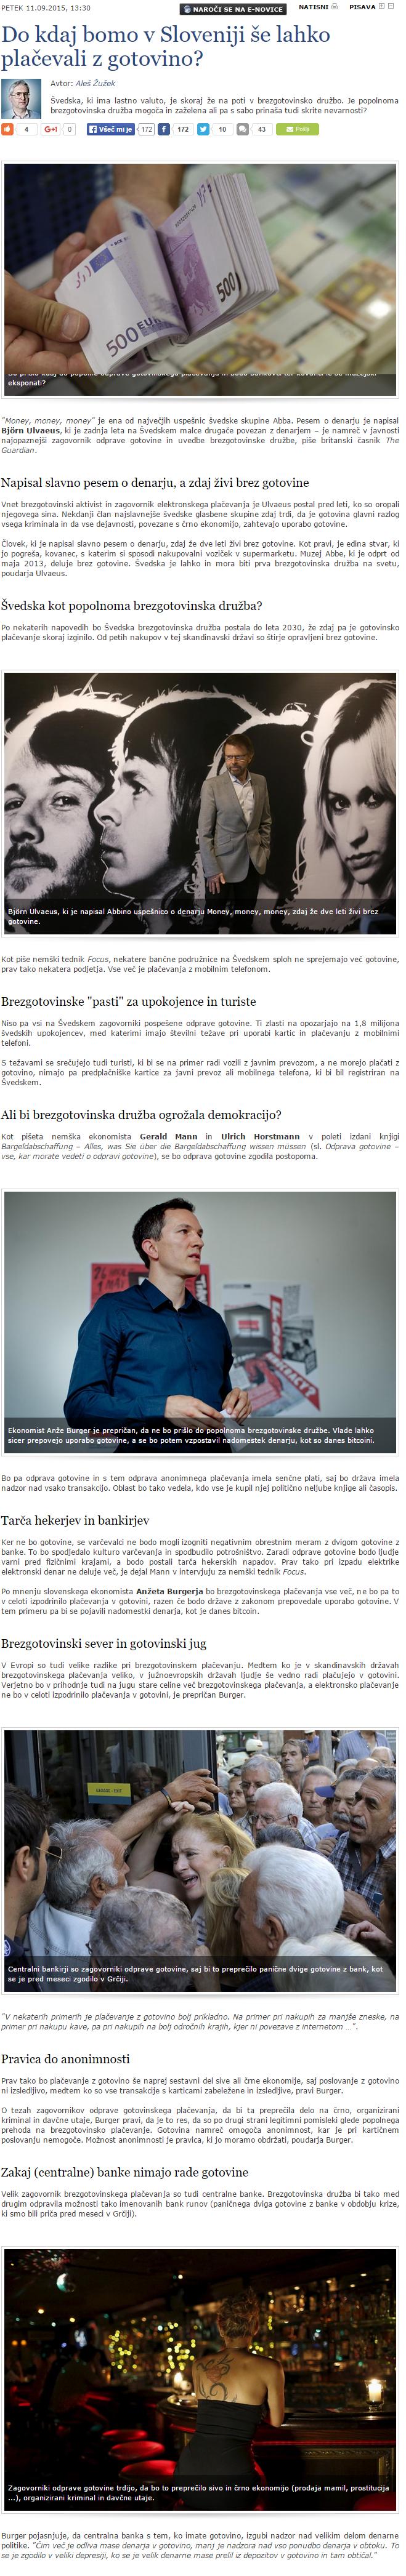 screencapture-www-siol-net-novice-svet-2015-09-brezgotovinsko_denar-aspx-1443090909461 (1)